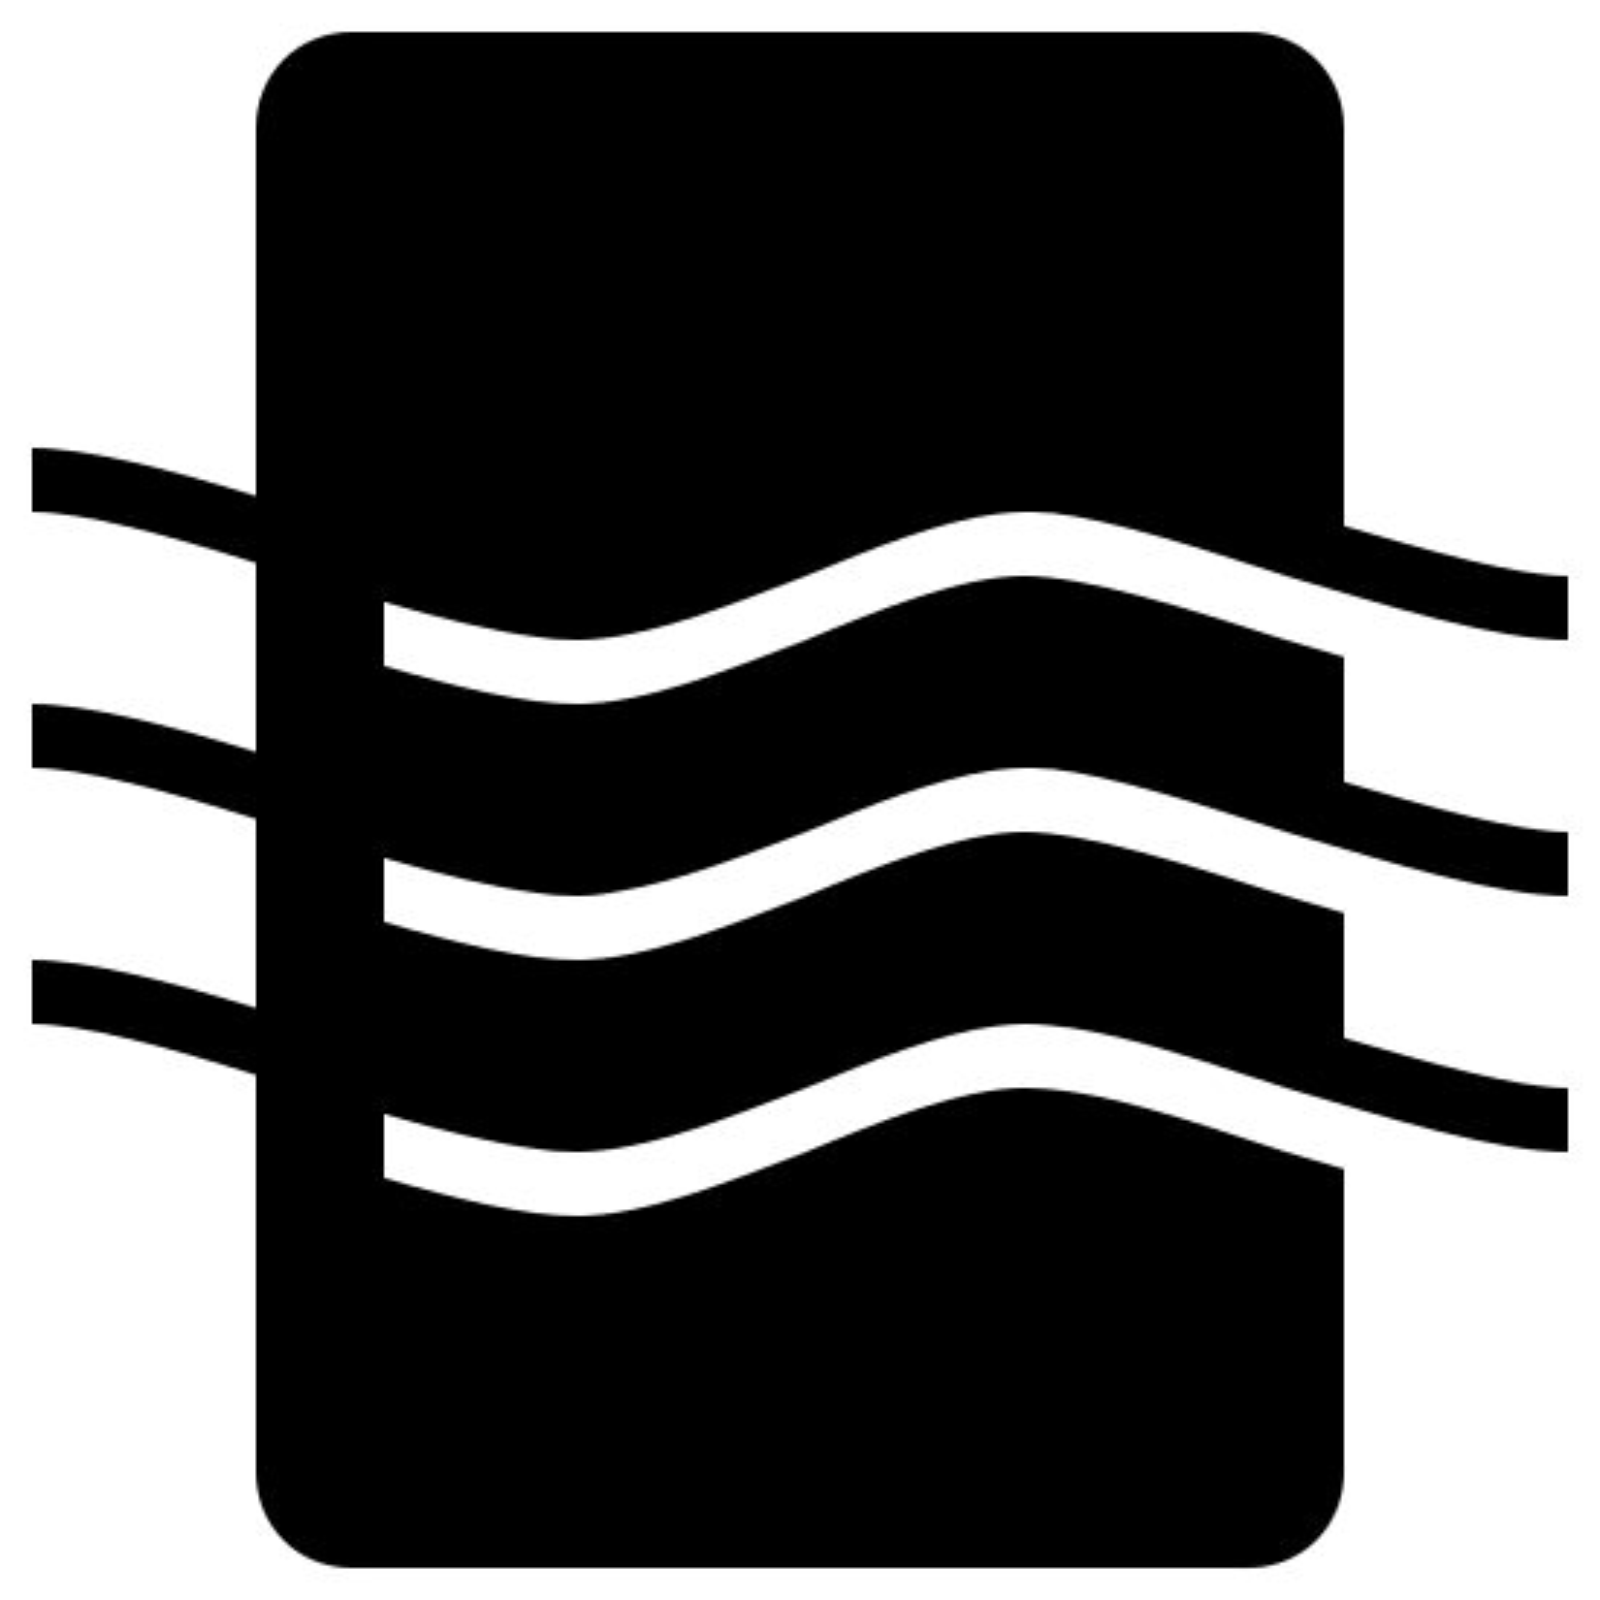 空気品質 icon. It's a logo of a rectangle in portrait orientation with curved edges. Coming through the rectangle from left to right are curved line waves. There are three of them and they curve down then up then down.